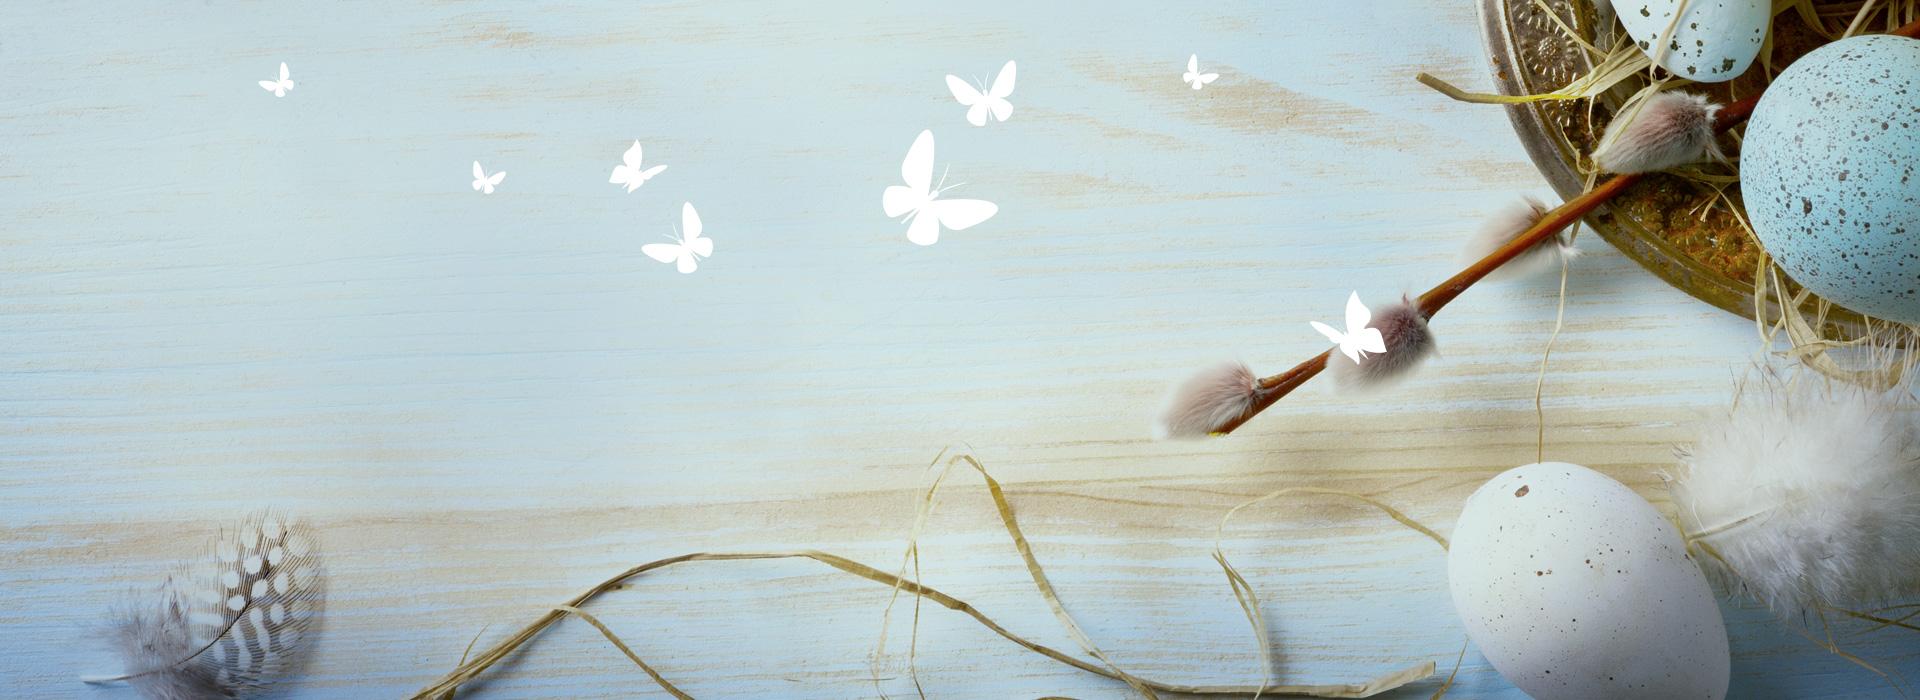 Wir wünschen Ihnen ein frohes Osterfest! Flatternde Schmetterlinge vor österlichem Hintergrund